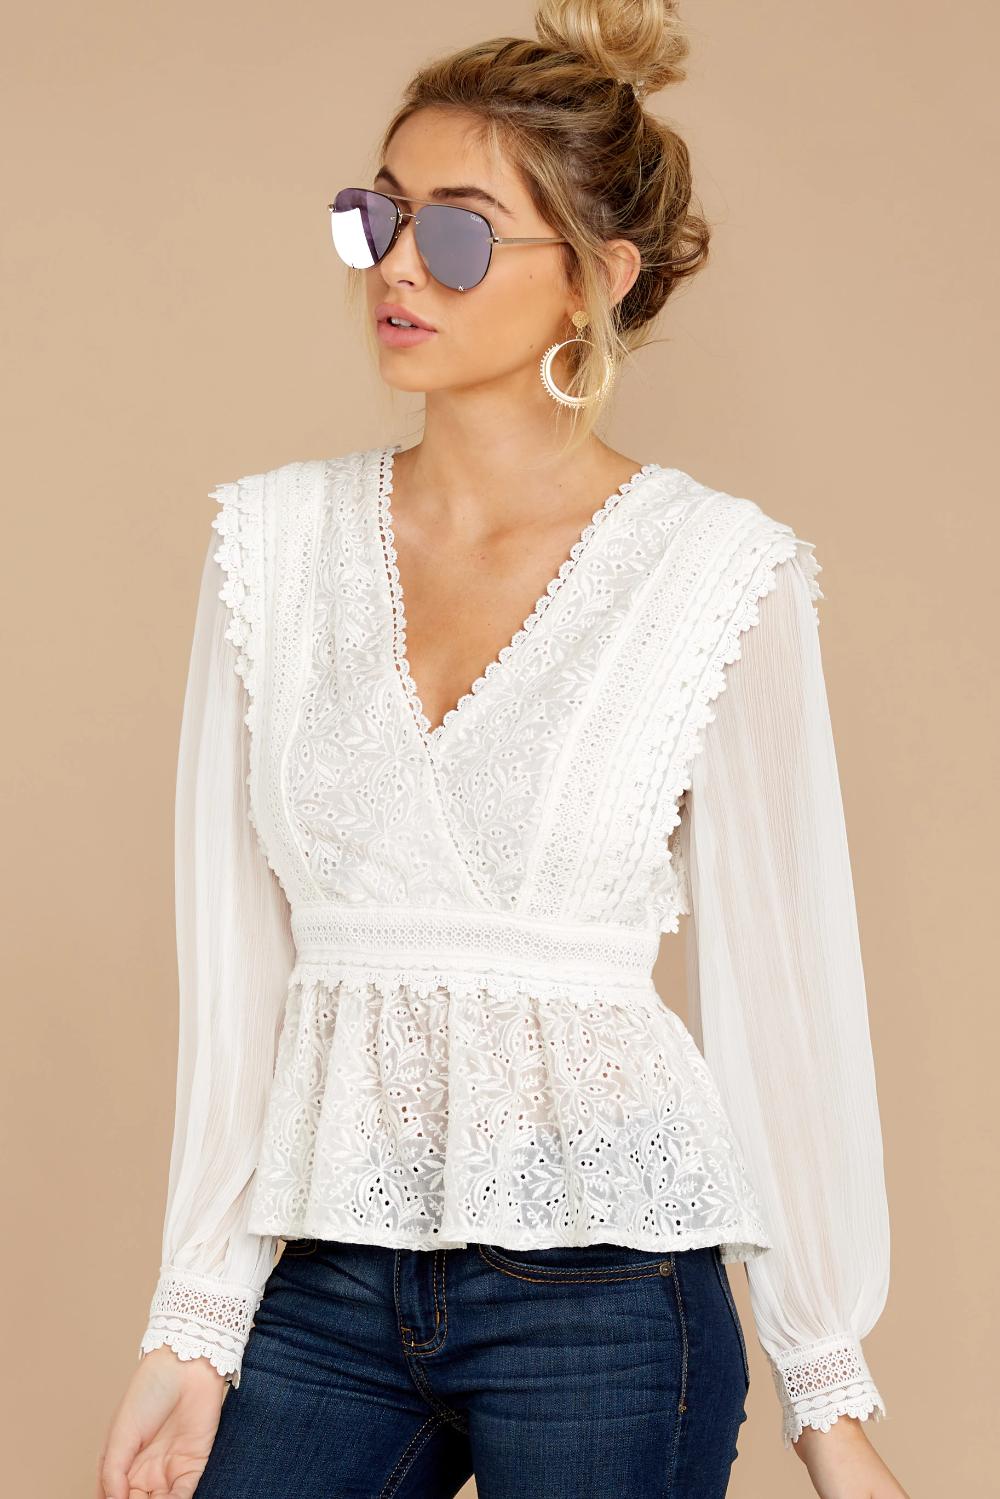 Elegant White Blouse Long Sleeve Lace V Neck Top 72 00 Red Dress Lace Top Outfits Lace Top Long Sleeve Lace Top Outfit White [ 1499 x 1000 Pixel ]